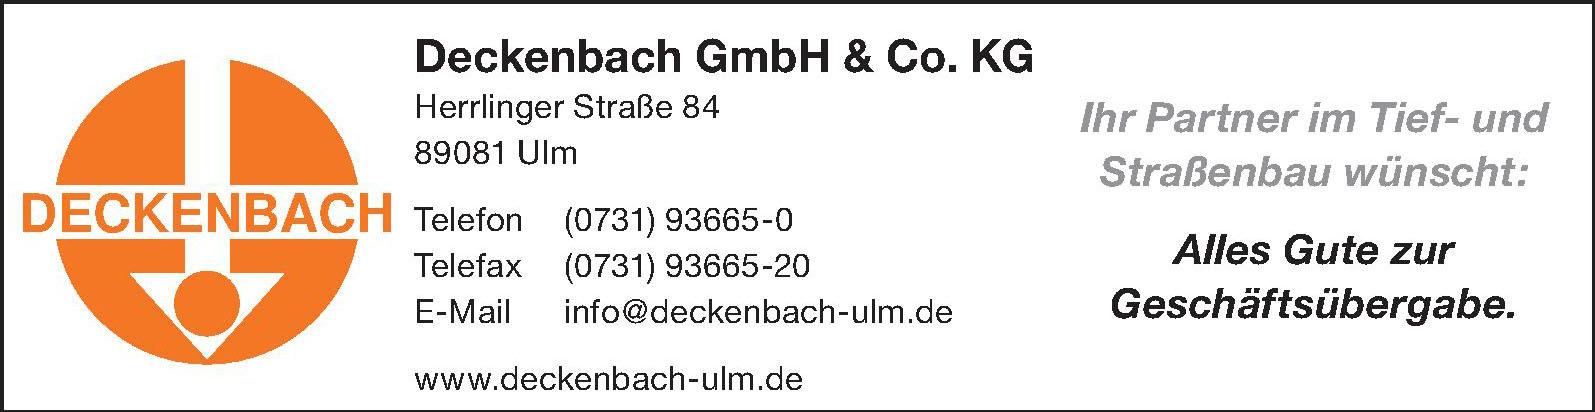 Deckenbach GmbH & Co. KG